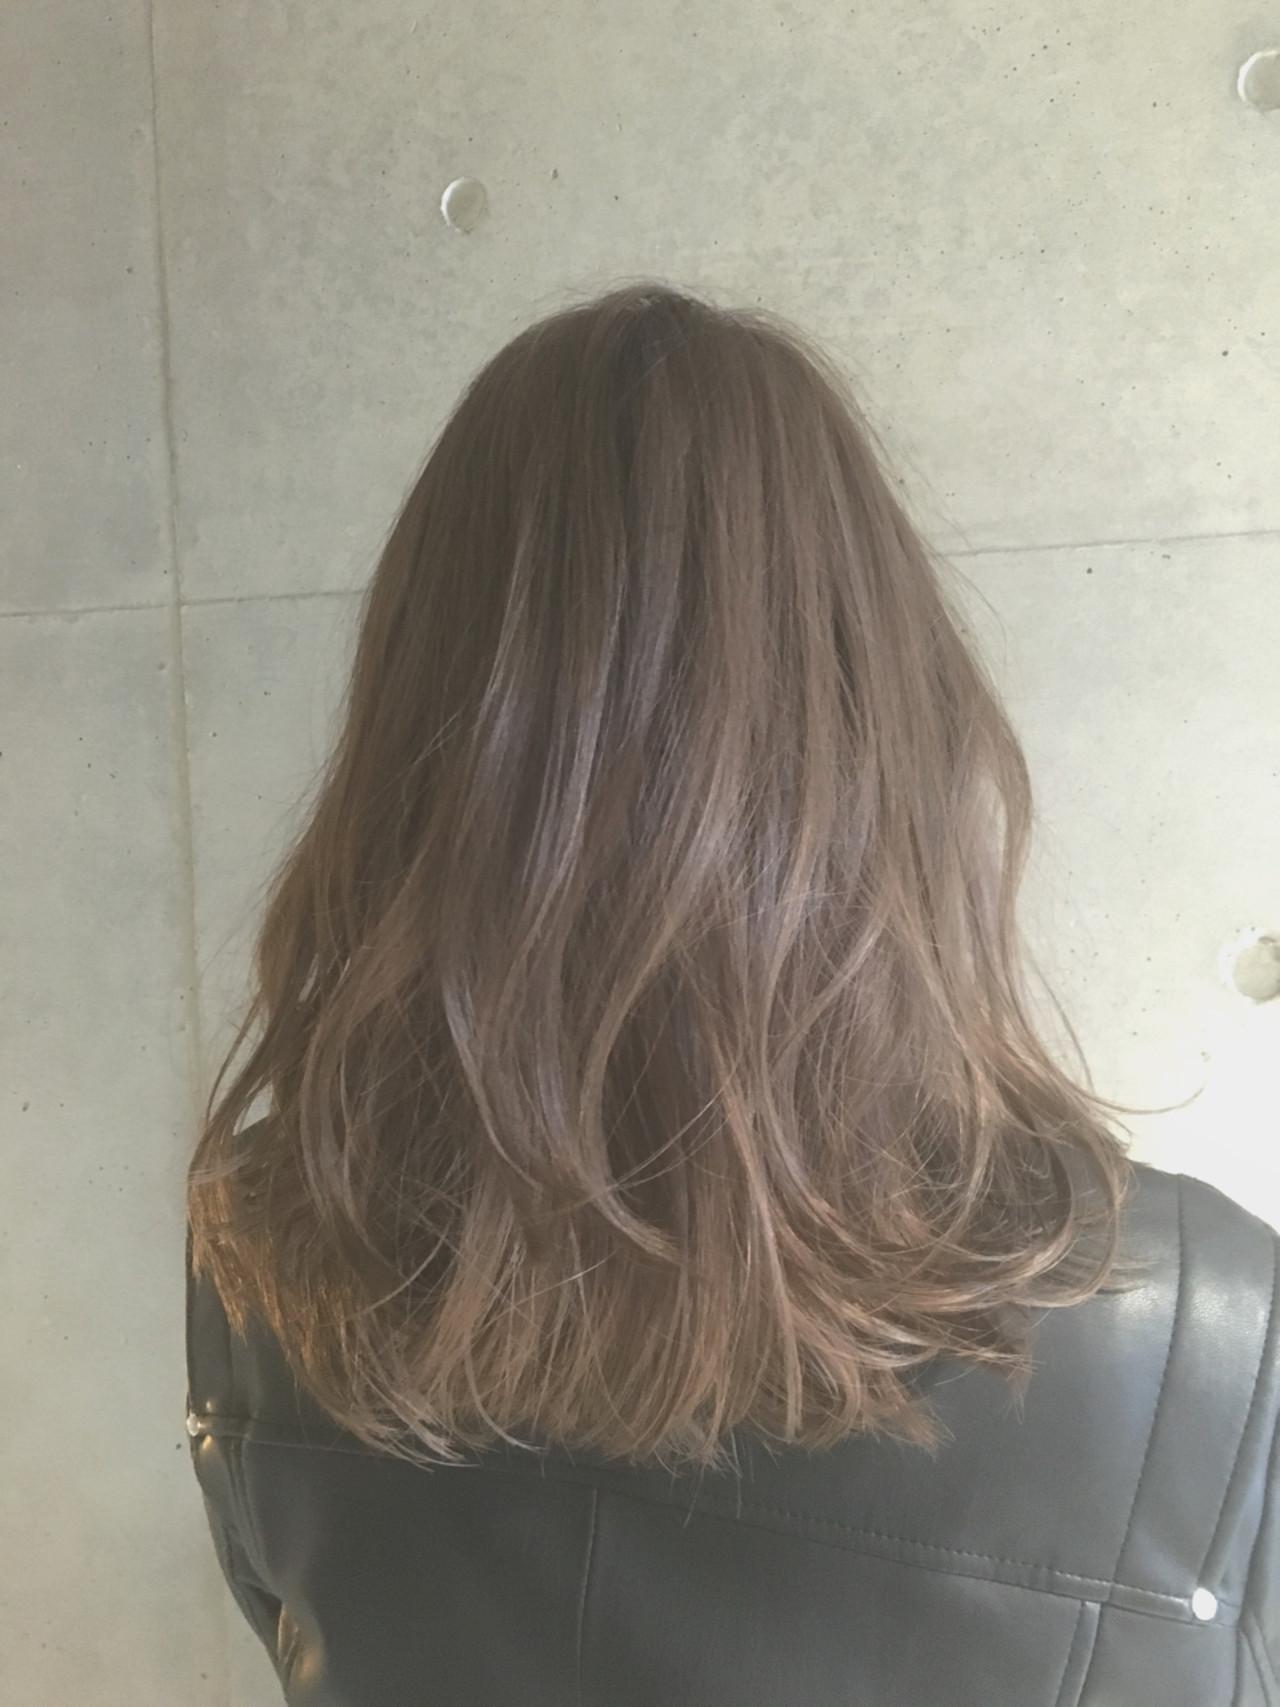 ミディアム ブラウン ナチュラル ゆるふわ ヘアスタイルや髪型の写真・画像 | Sayaka / diptyMOILA